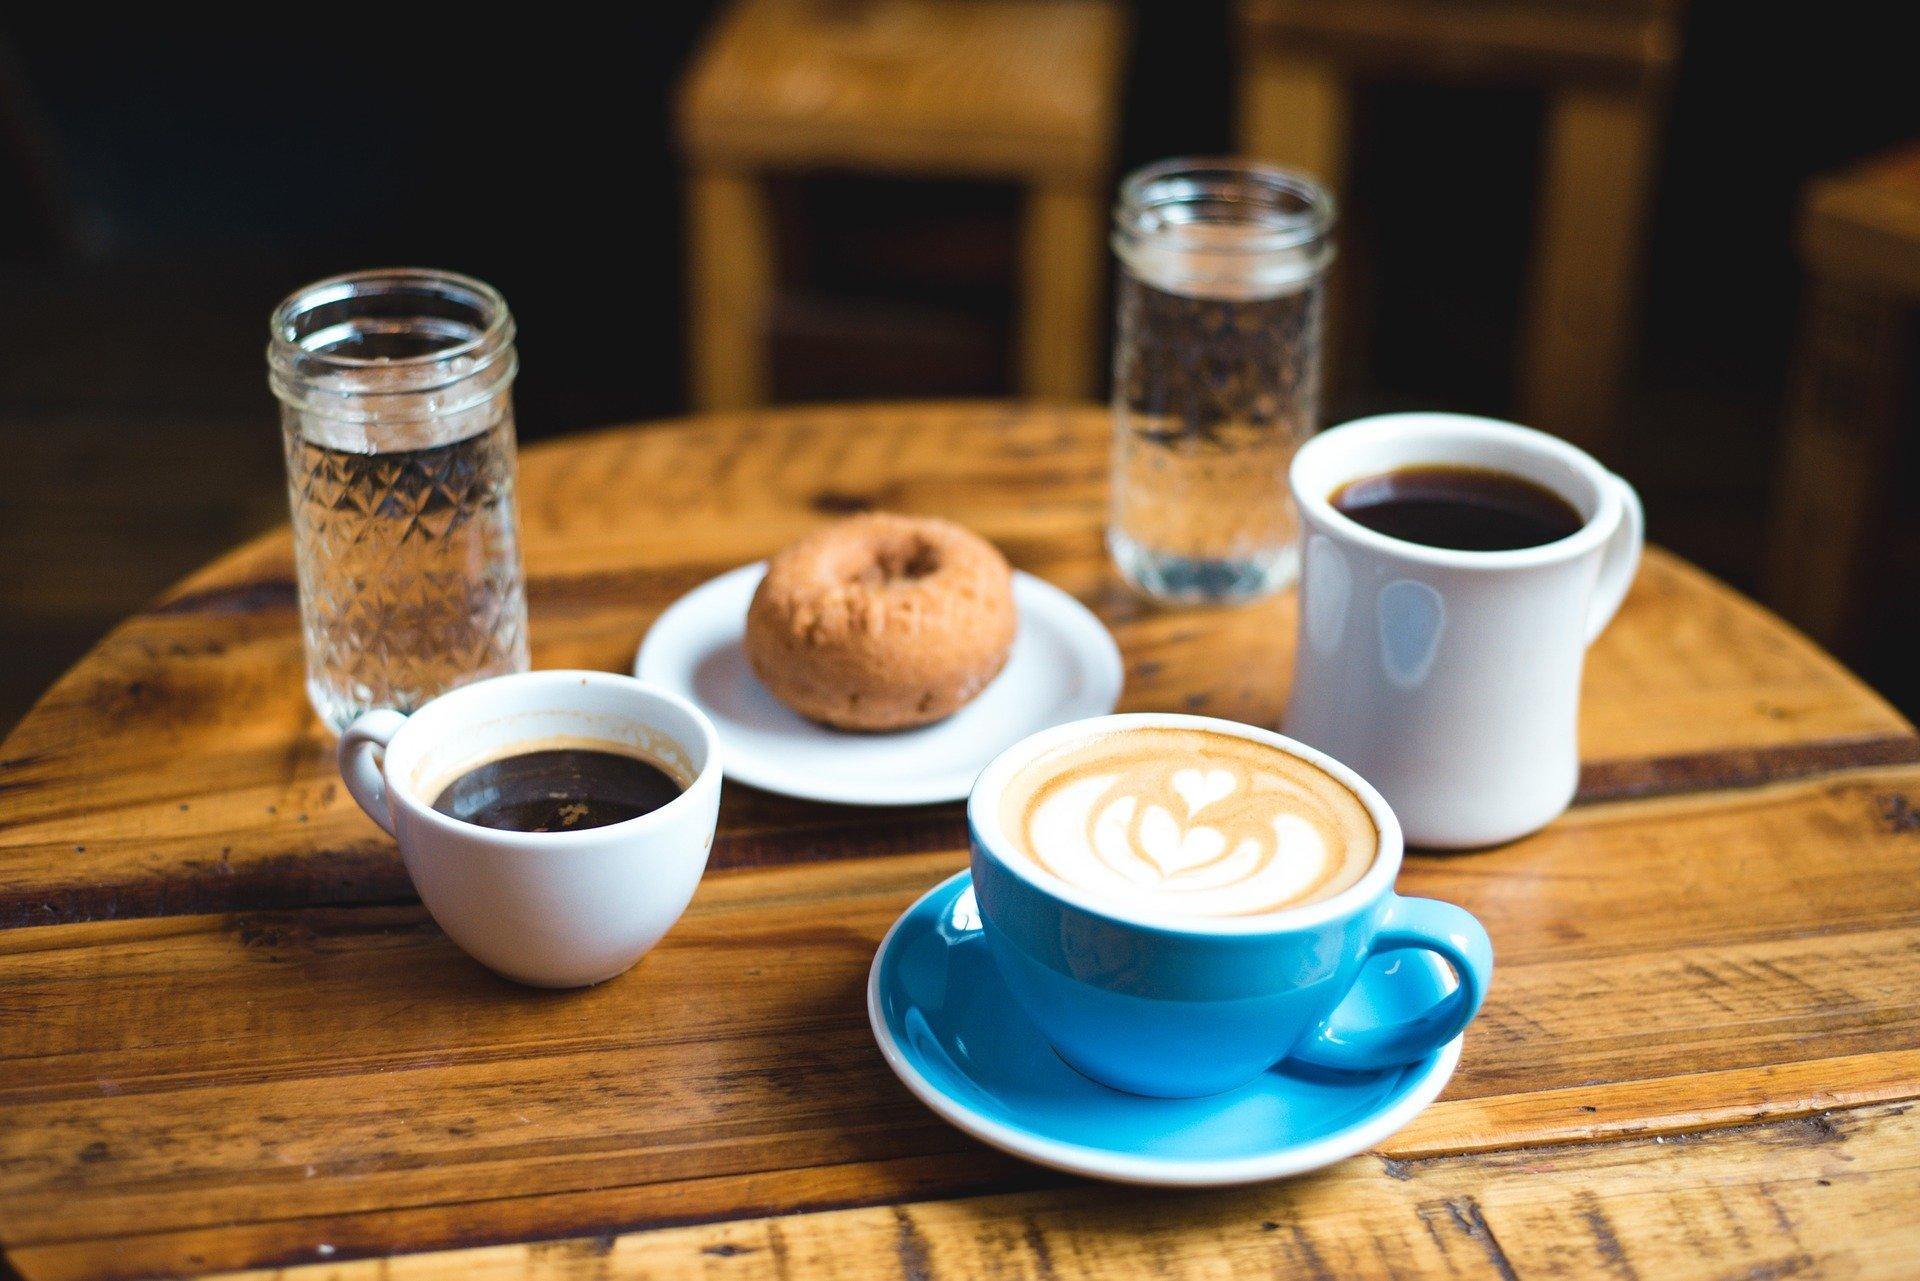 kahve ve espresso arasındaki fark